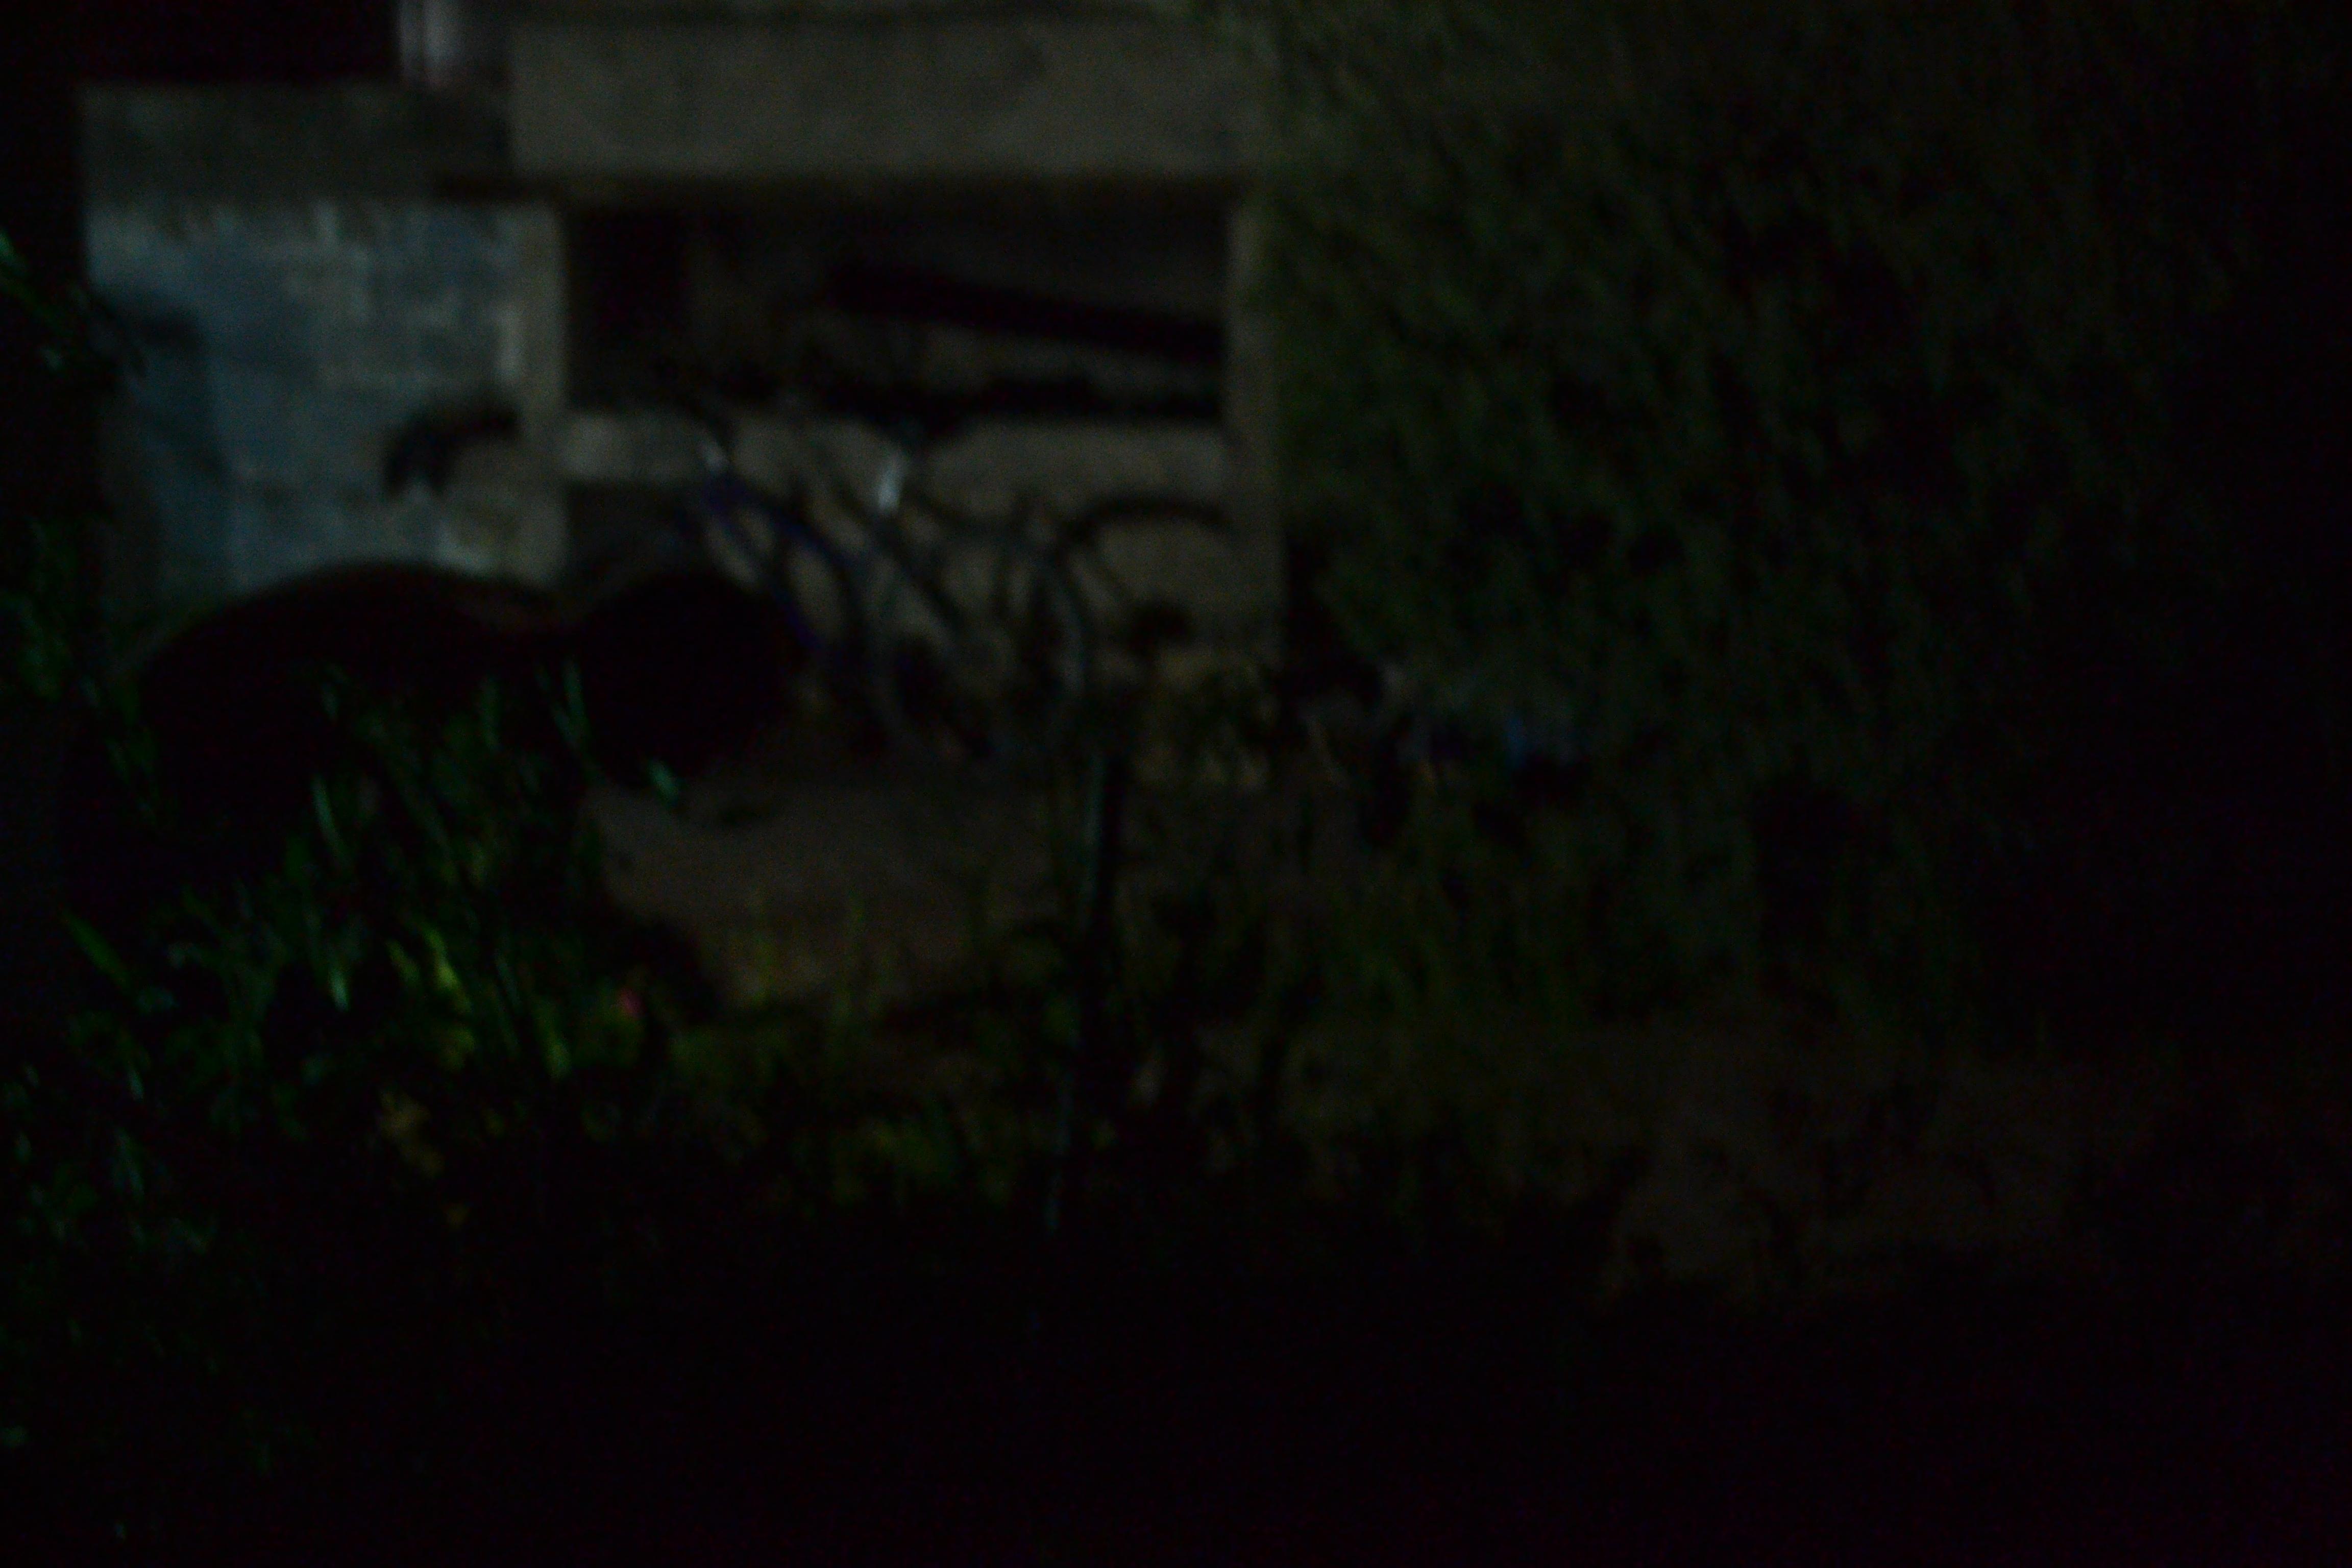 BA 192 - Regando de noche